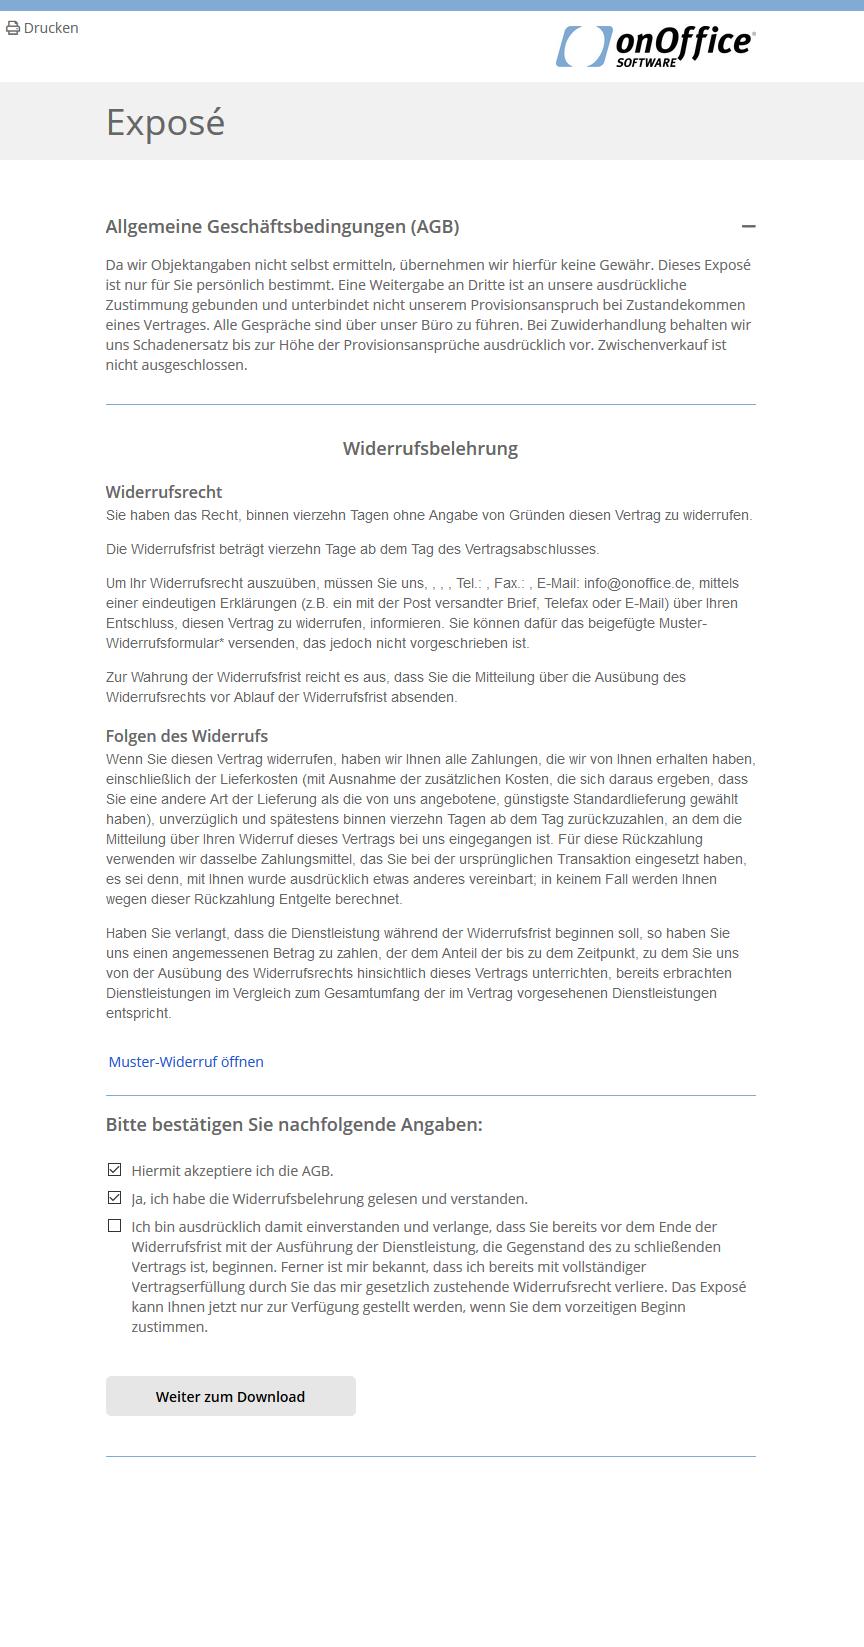 Webseite mit Widerrufsbelehrung und der Abfrage